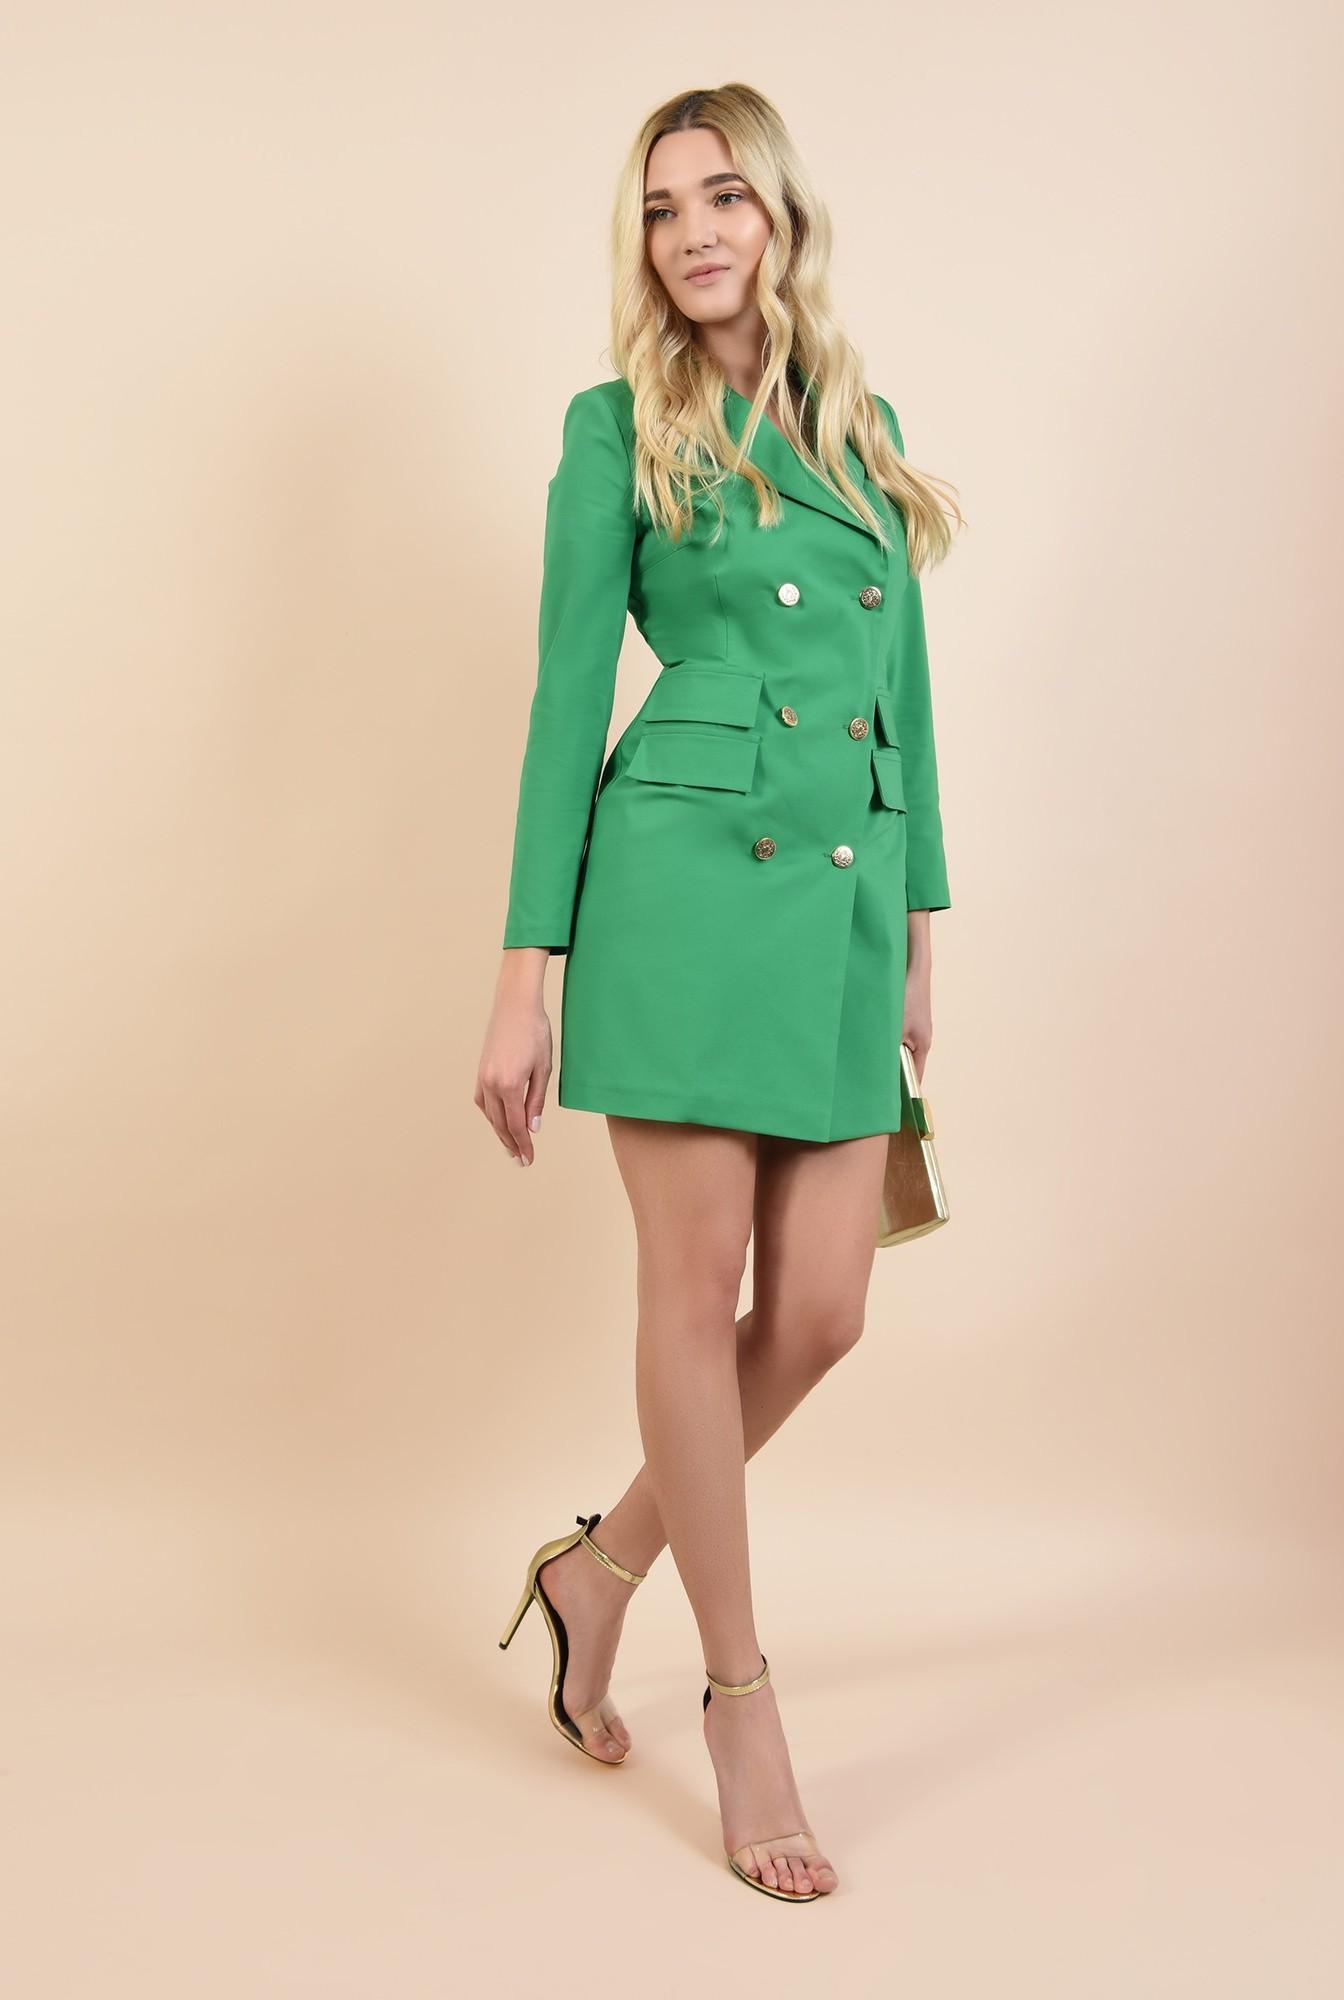 0 - rochie sacou, verde, cu nasturi metalici, scurta, croi cambrat